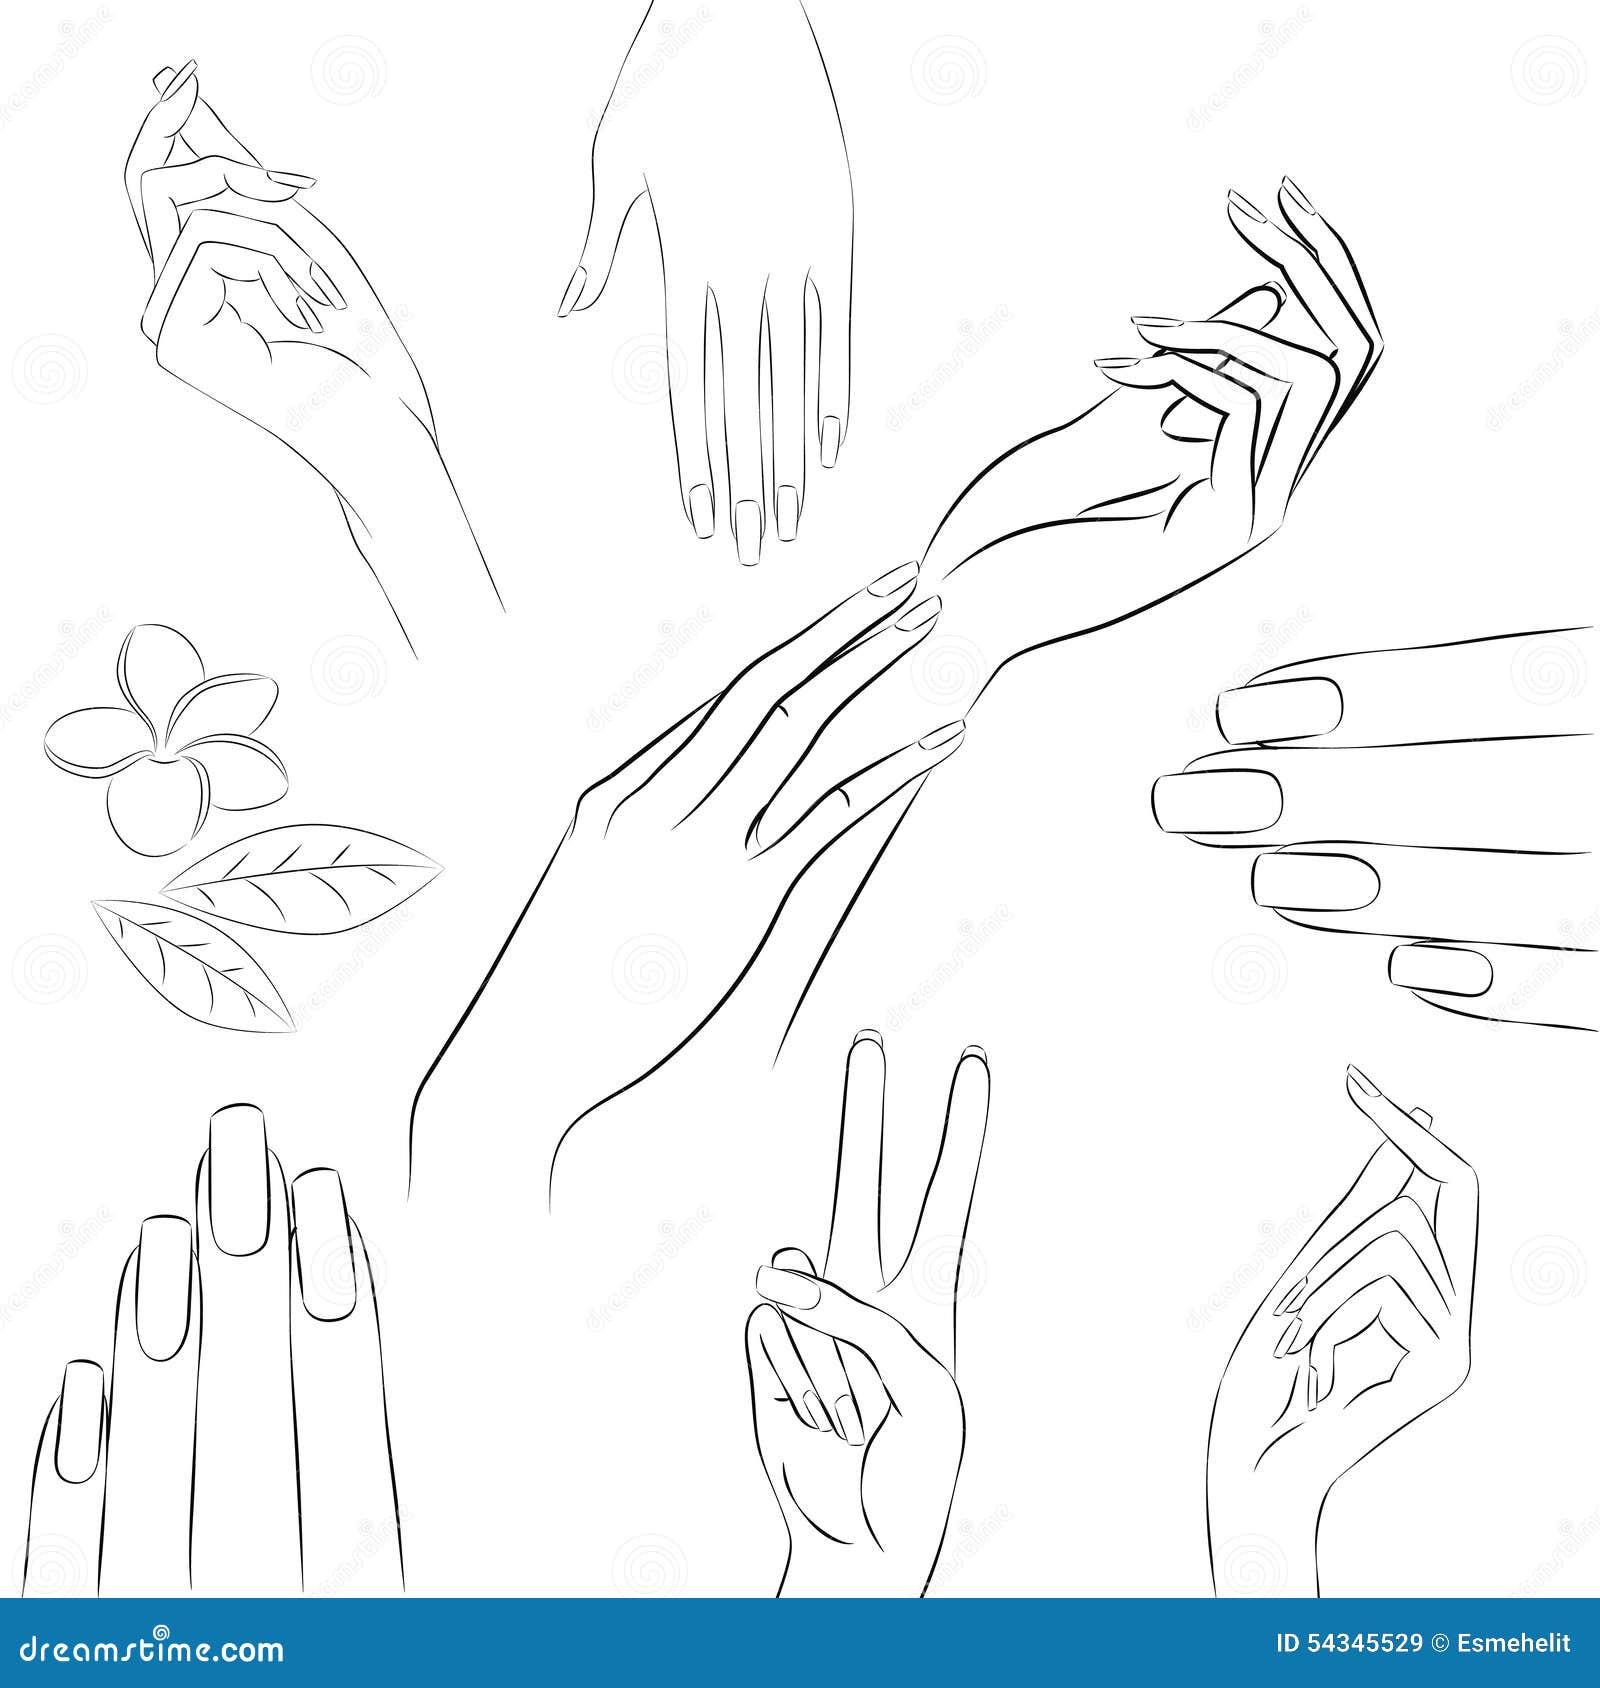 Colección de manos en diversos gestos, manicura